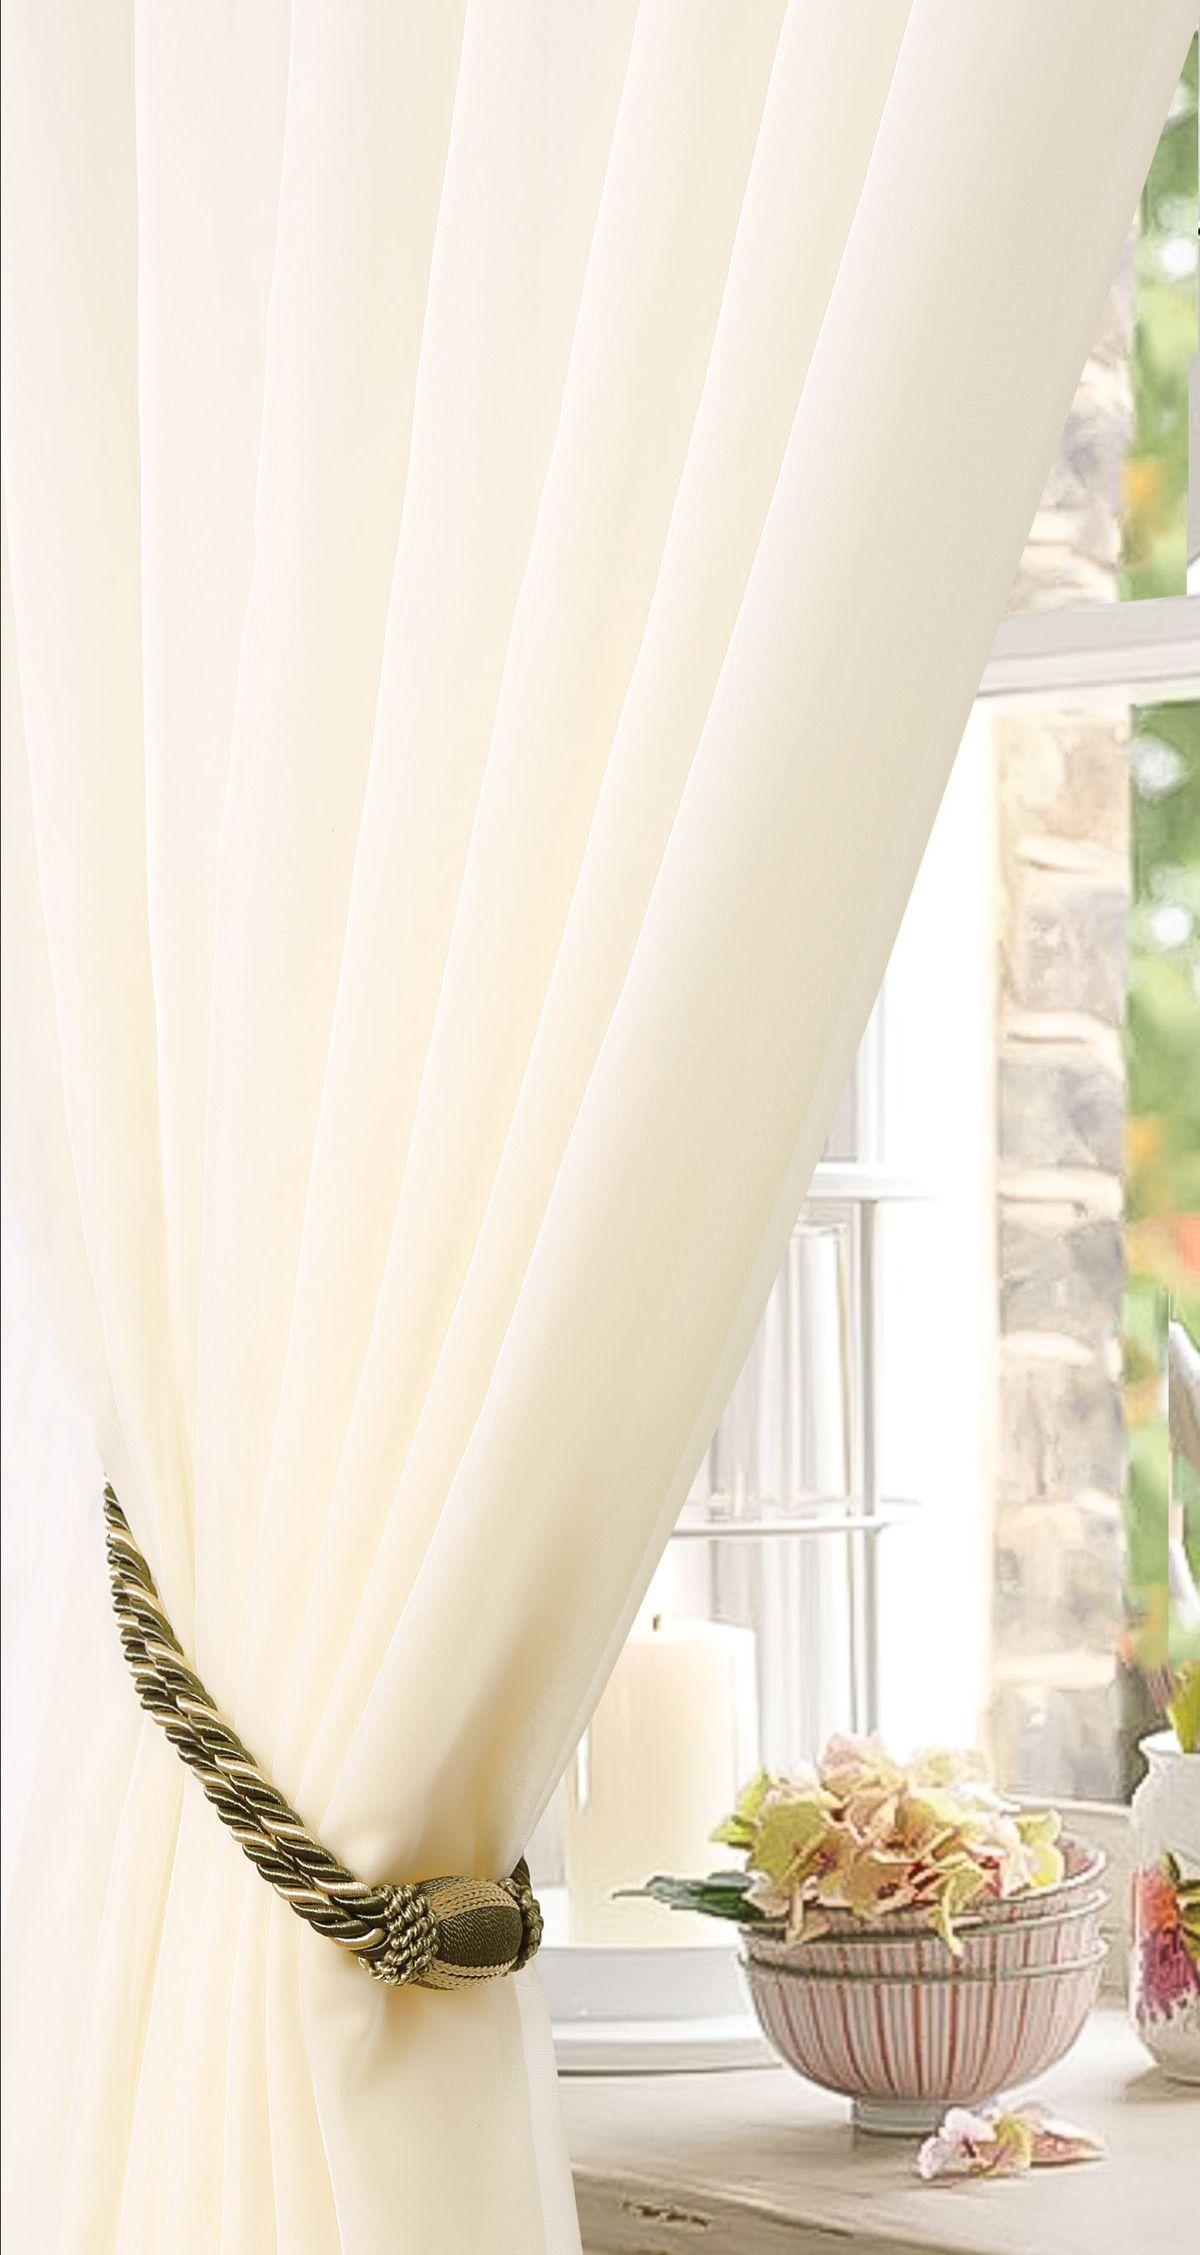 Штора готовая Garden, на ленте, цвет: бежевый, высота 270 см. С W191 450х270 V71002С W191 450х270 V71002Тюлевая штора для гостиной Garden выполнена из легкой ткани - вуаль. Она станет великолепным украшением любого окна.Воздушная ткань и приятная текстура создаст неповторимую атмосферу в вашем доме. Штора крепится на карниз при помощи ленты, которая поможет красиво и равномерно задрапировать верх.